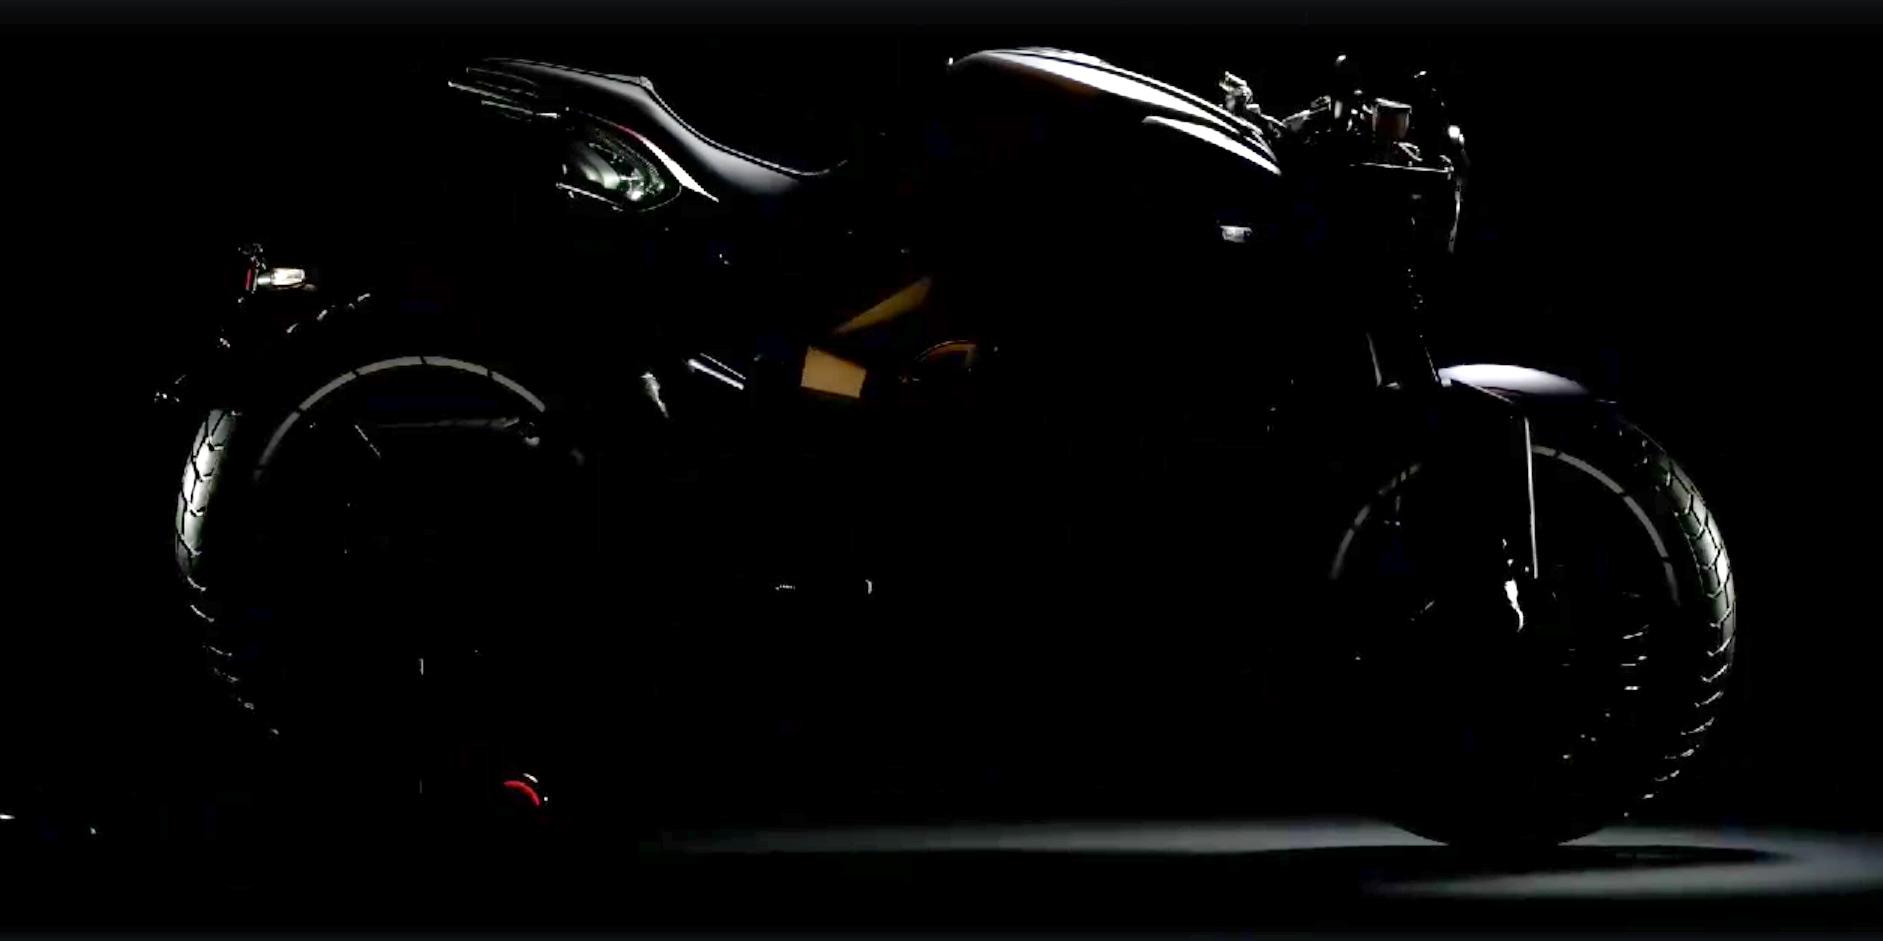 MV Agusta RVS, la Hyperbike de MV Agusta está de camino